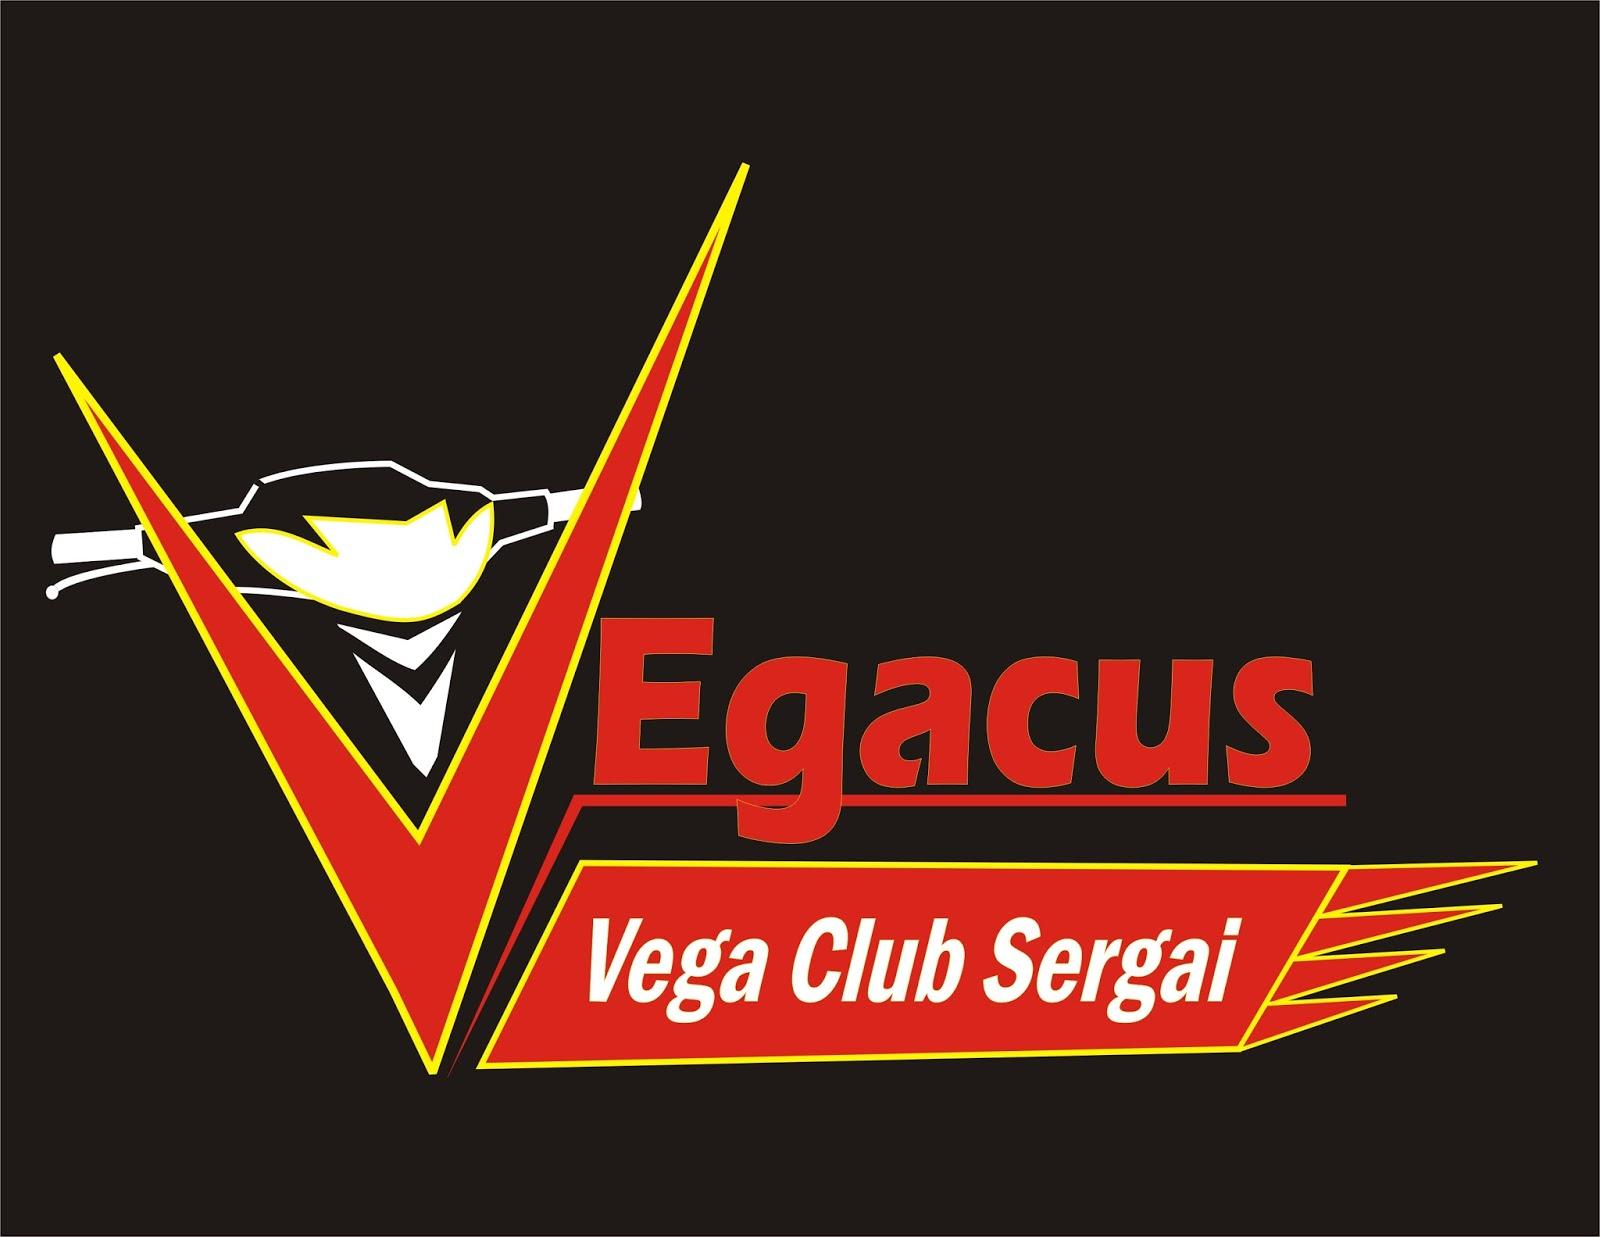 vega club